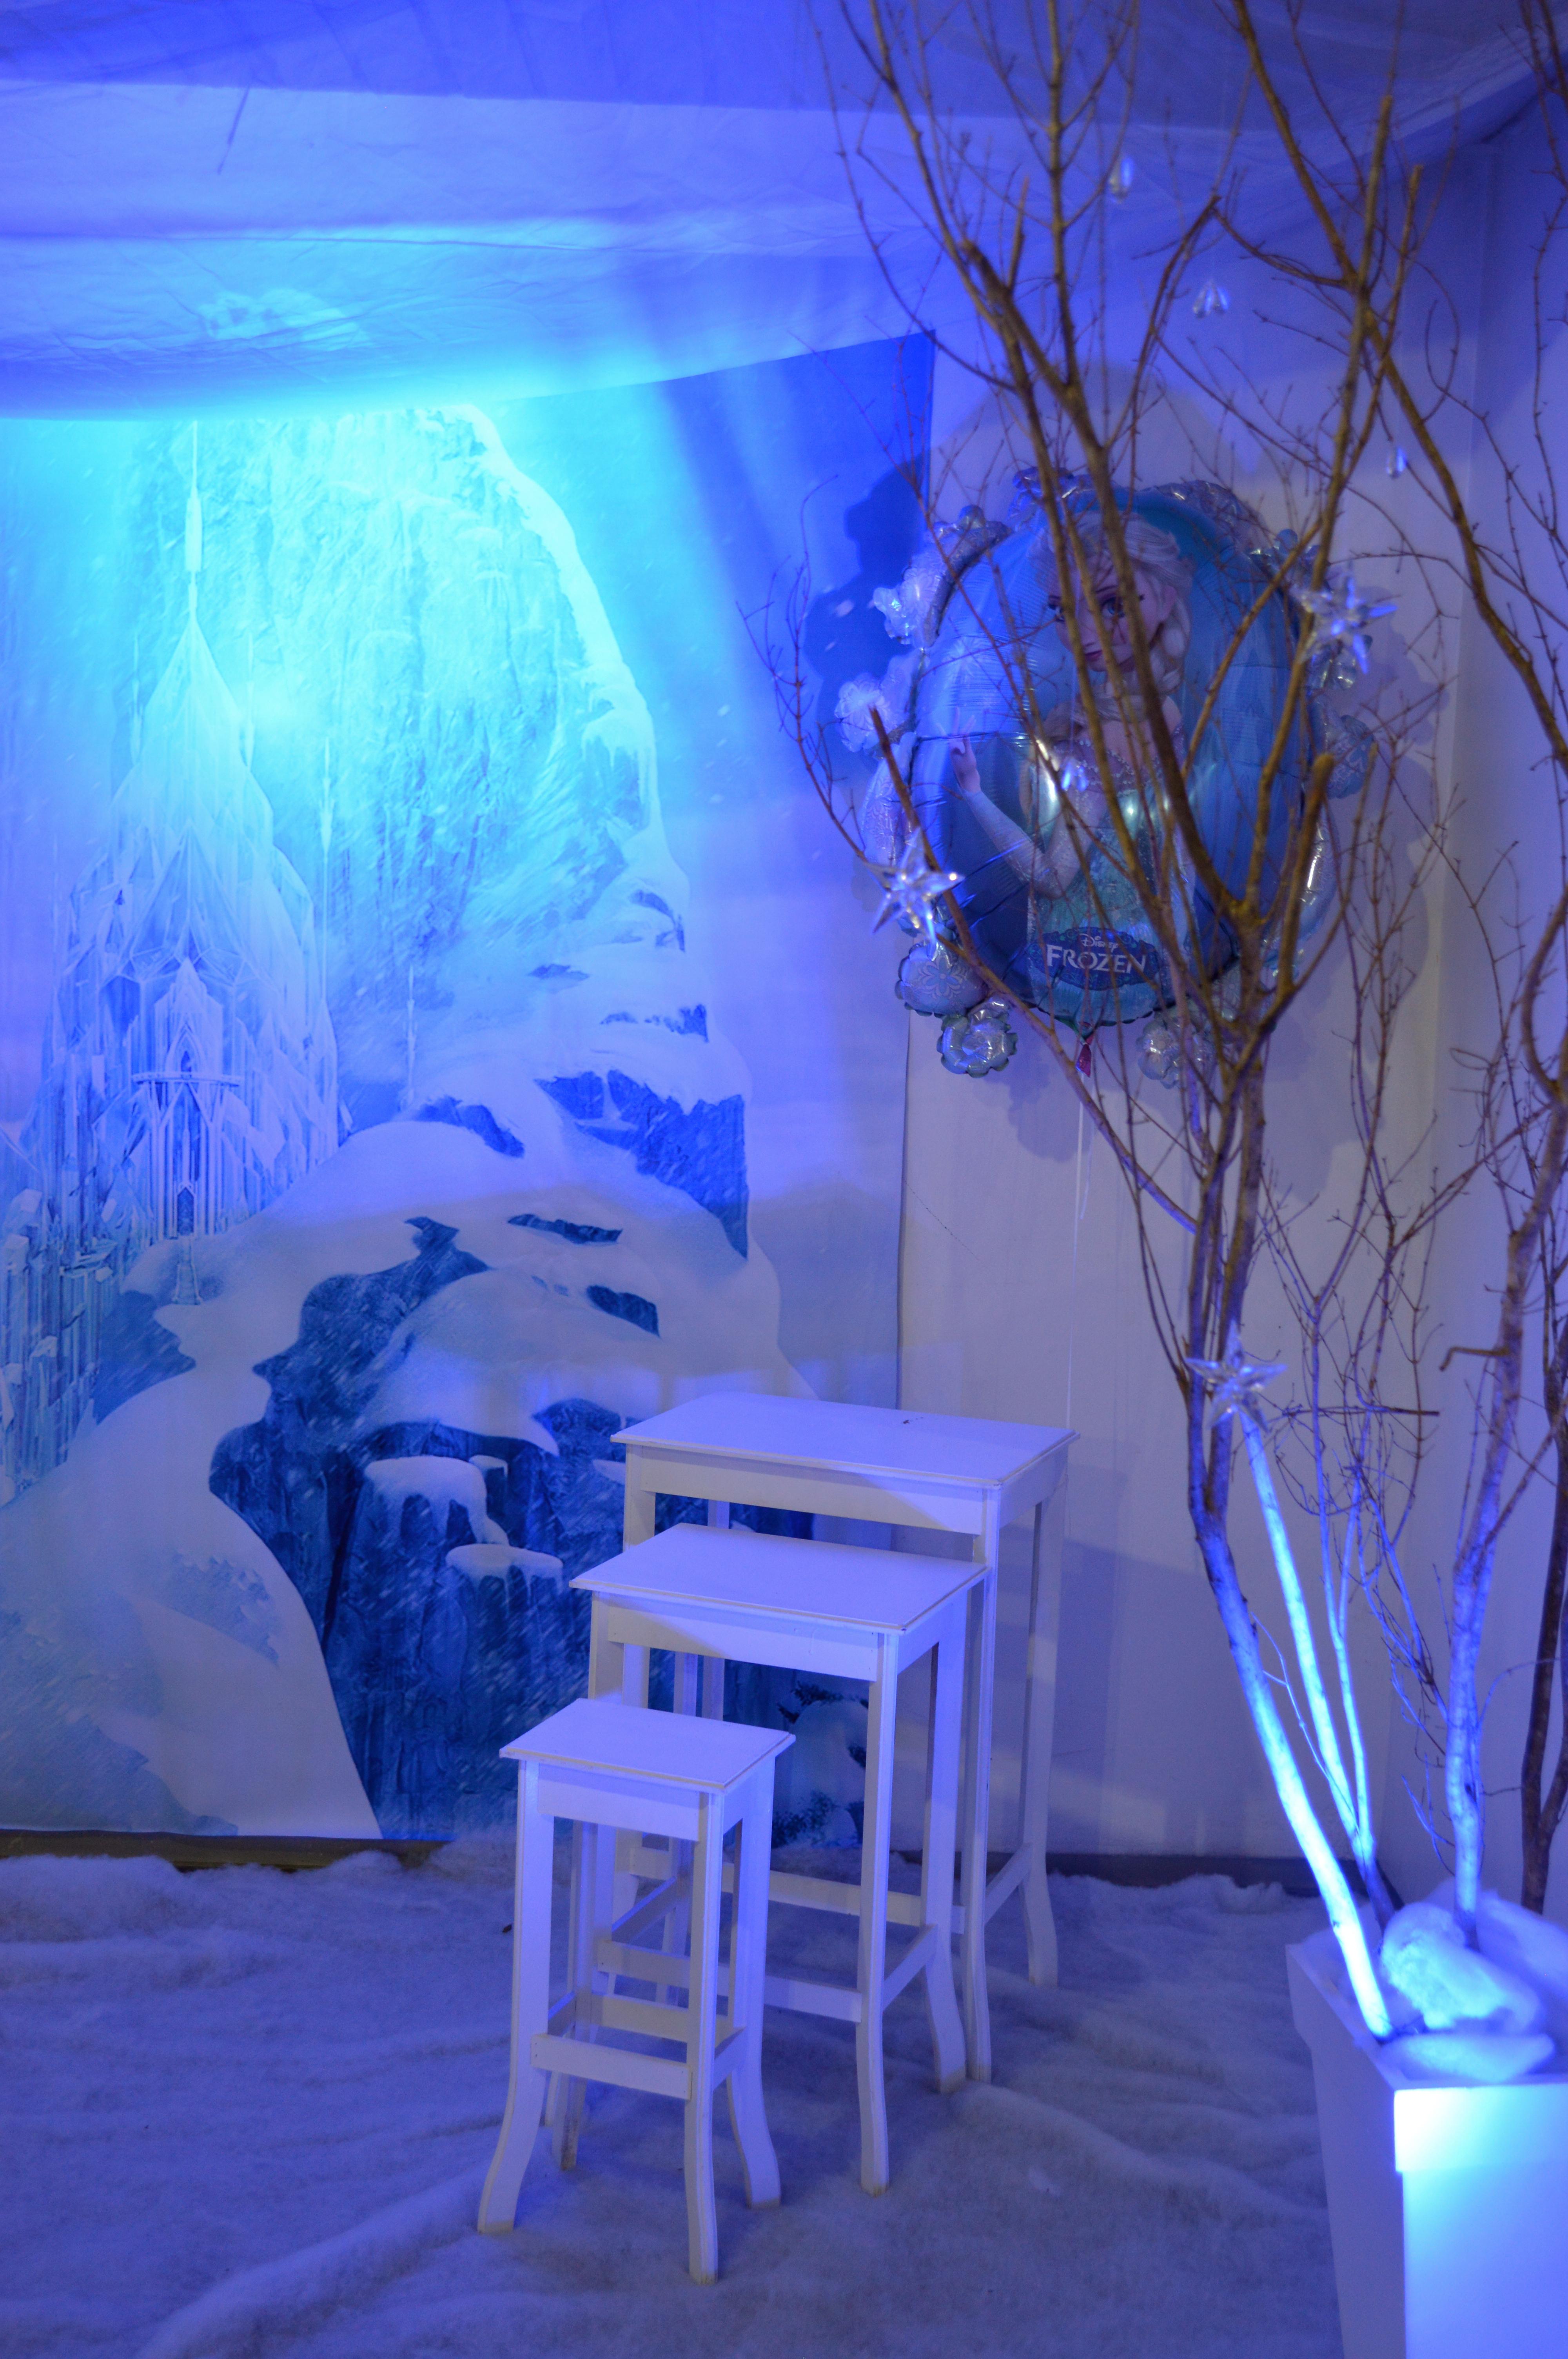 Linda de azul - 2 part 2